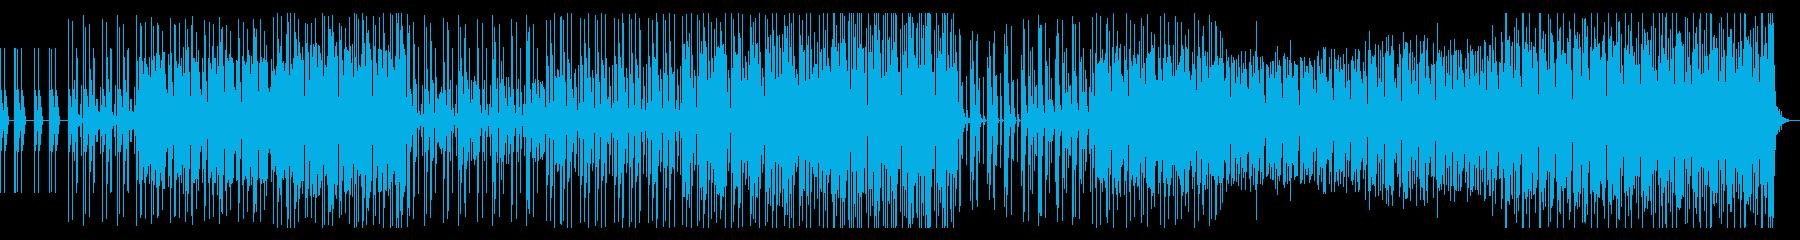 リズムをメインにしたエレクトロファンクの再生済みの波形